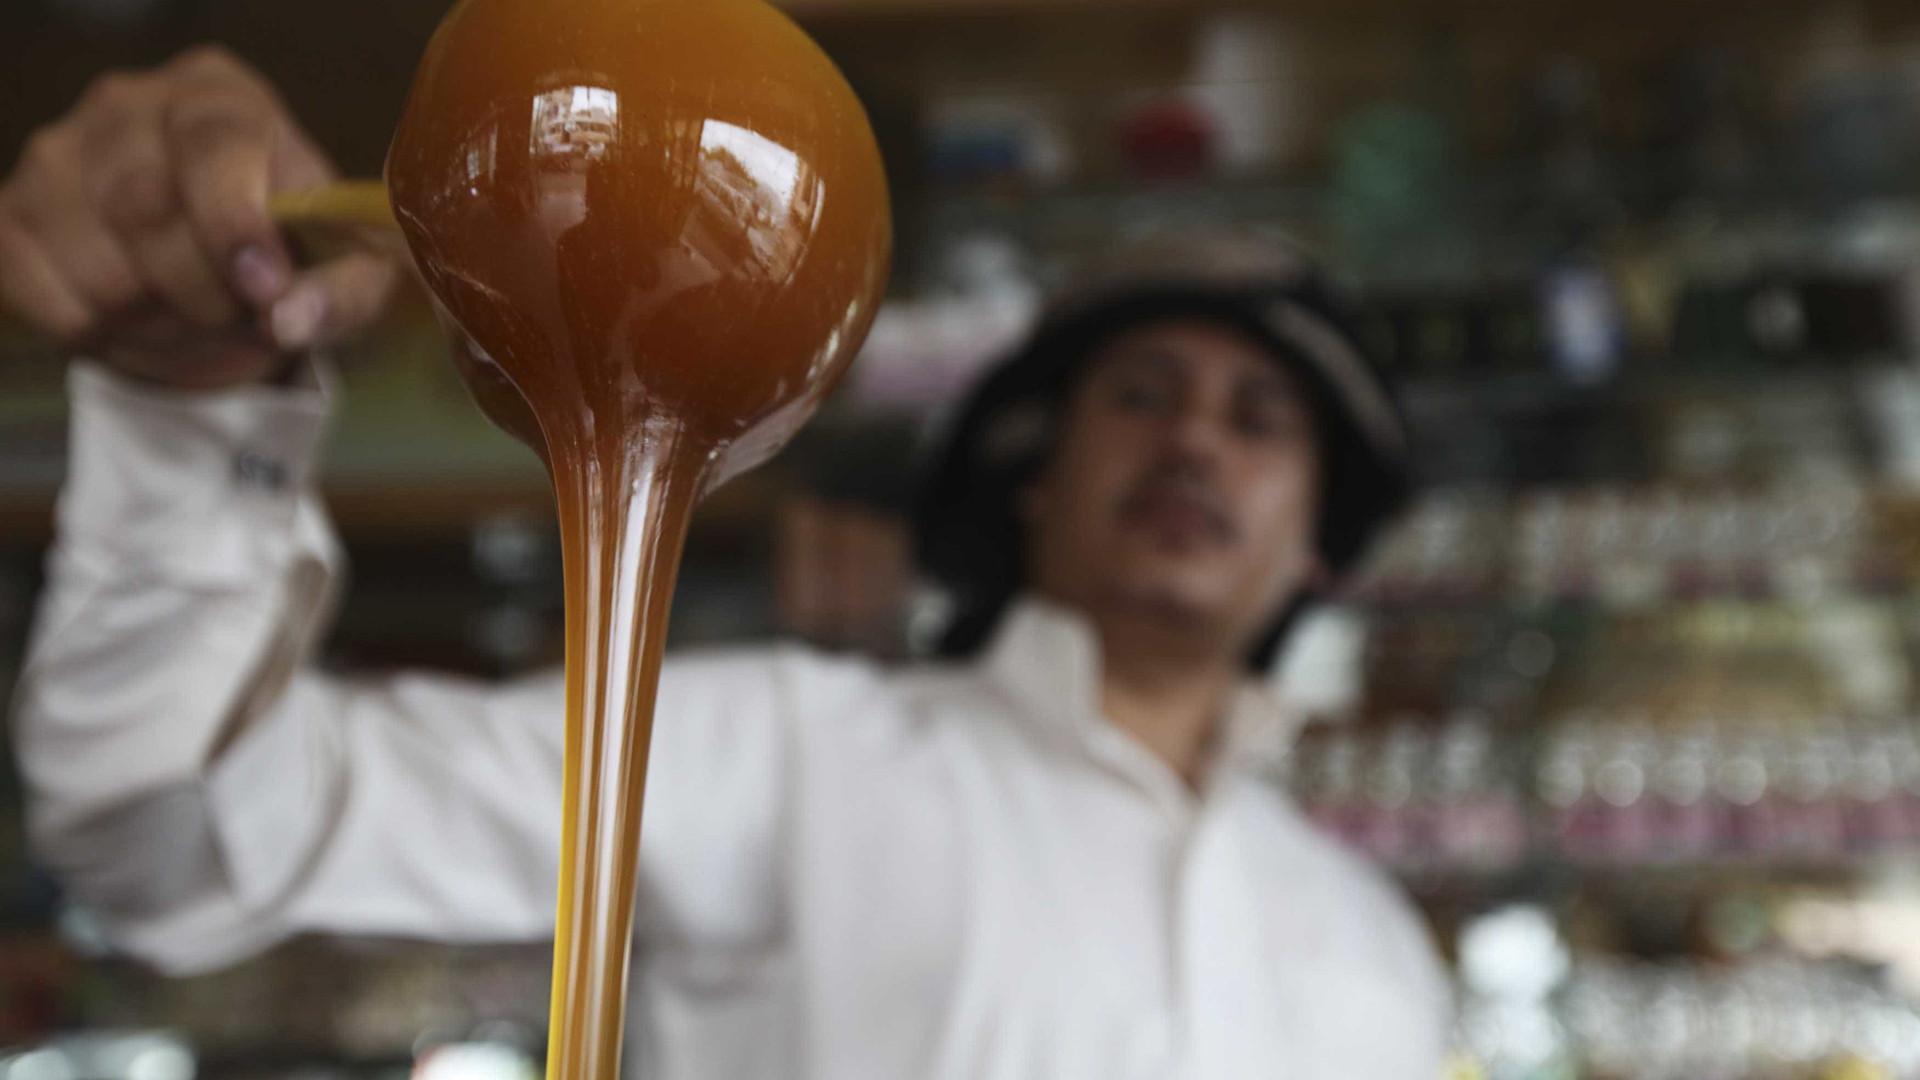 """Apicultores do Caramulo fazem festa do mel, apesar de ser """"pior ano"""""""